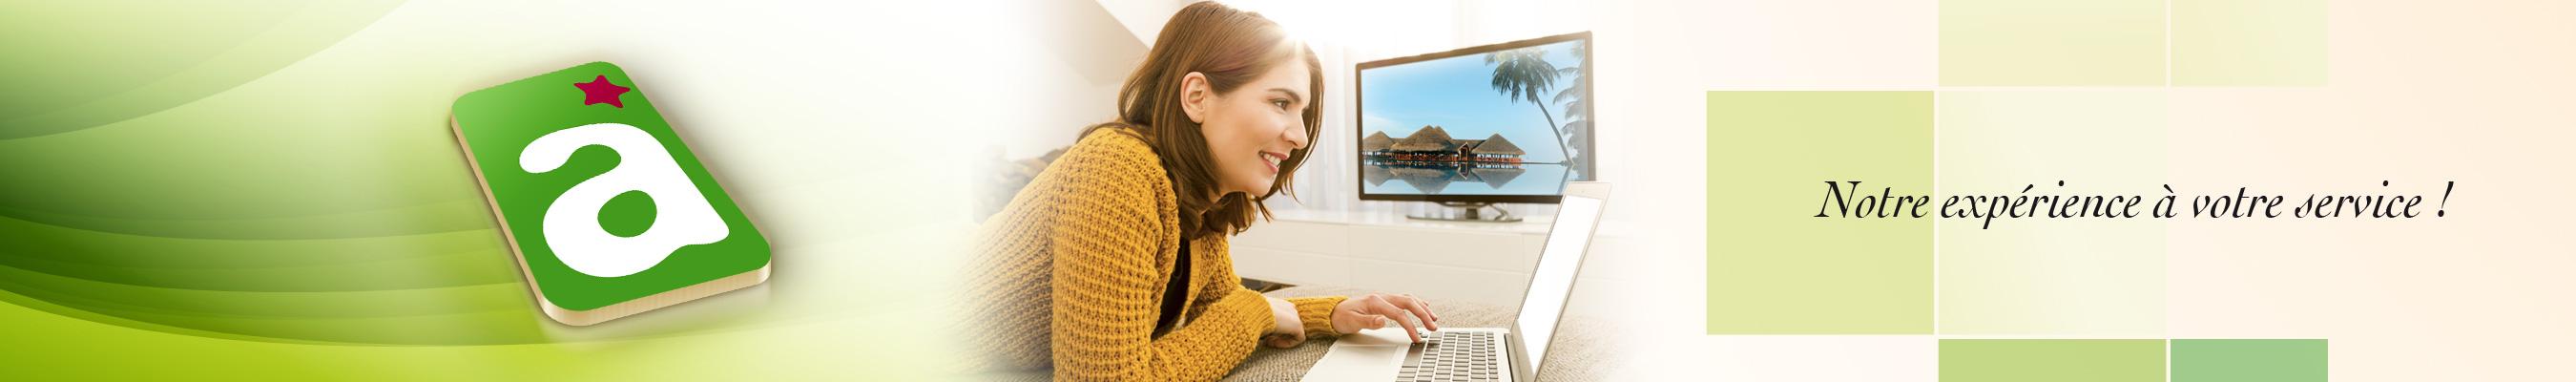 Faites votre demande en ligne en quelques minutes, Agevar traite vos demandes de rachat de crédit et crédit hypothécaire en moins de 48 heures